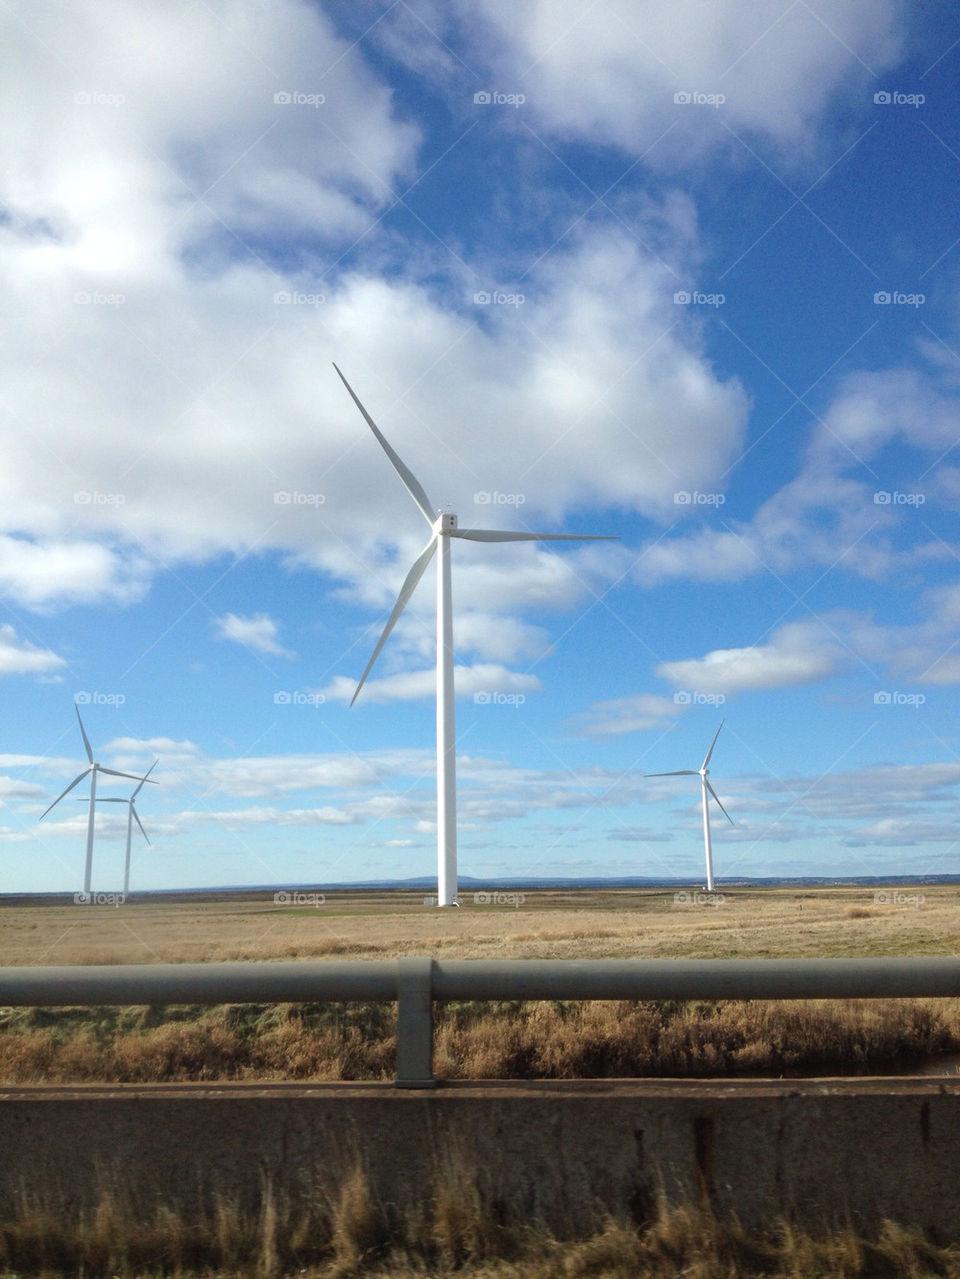 canada wind turbine nova scotia east coast by lagacephotos